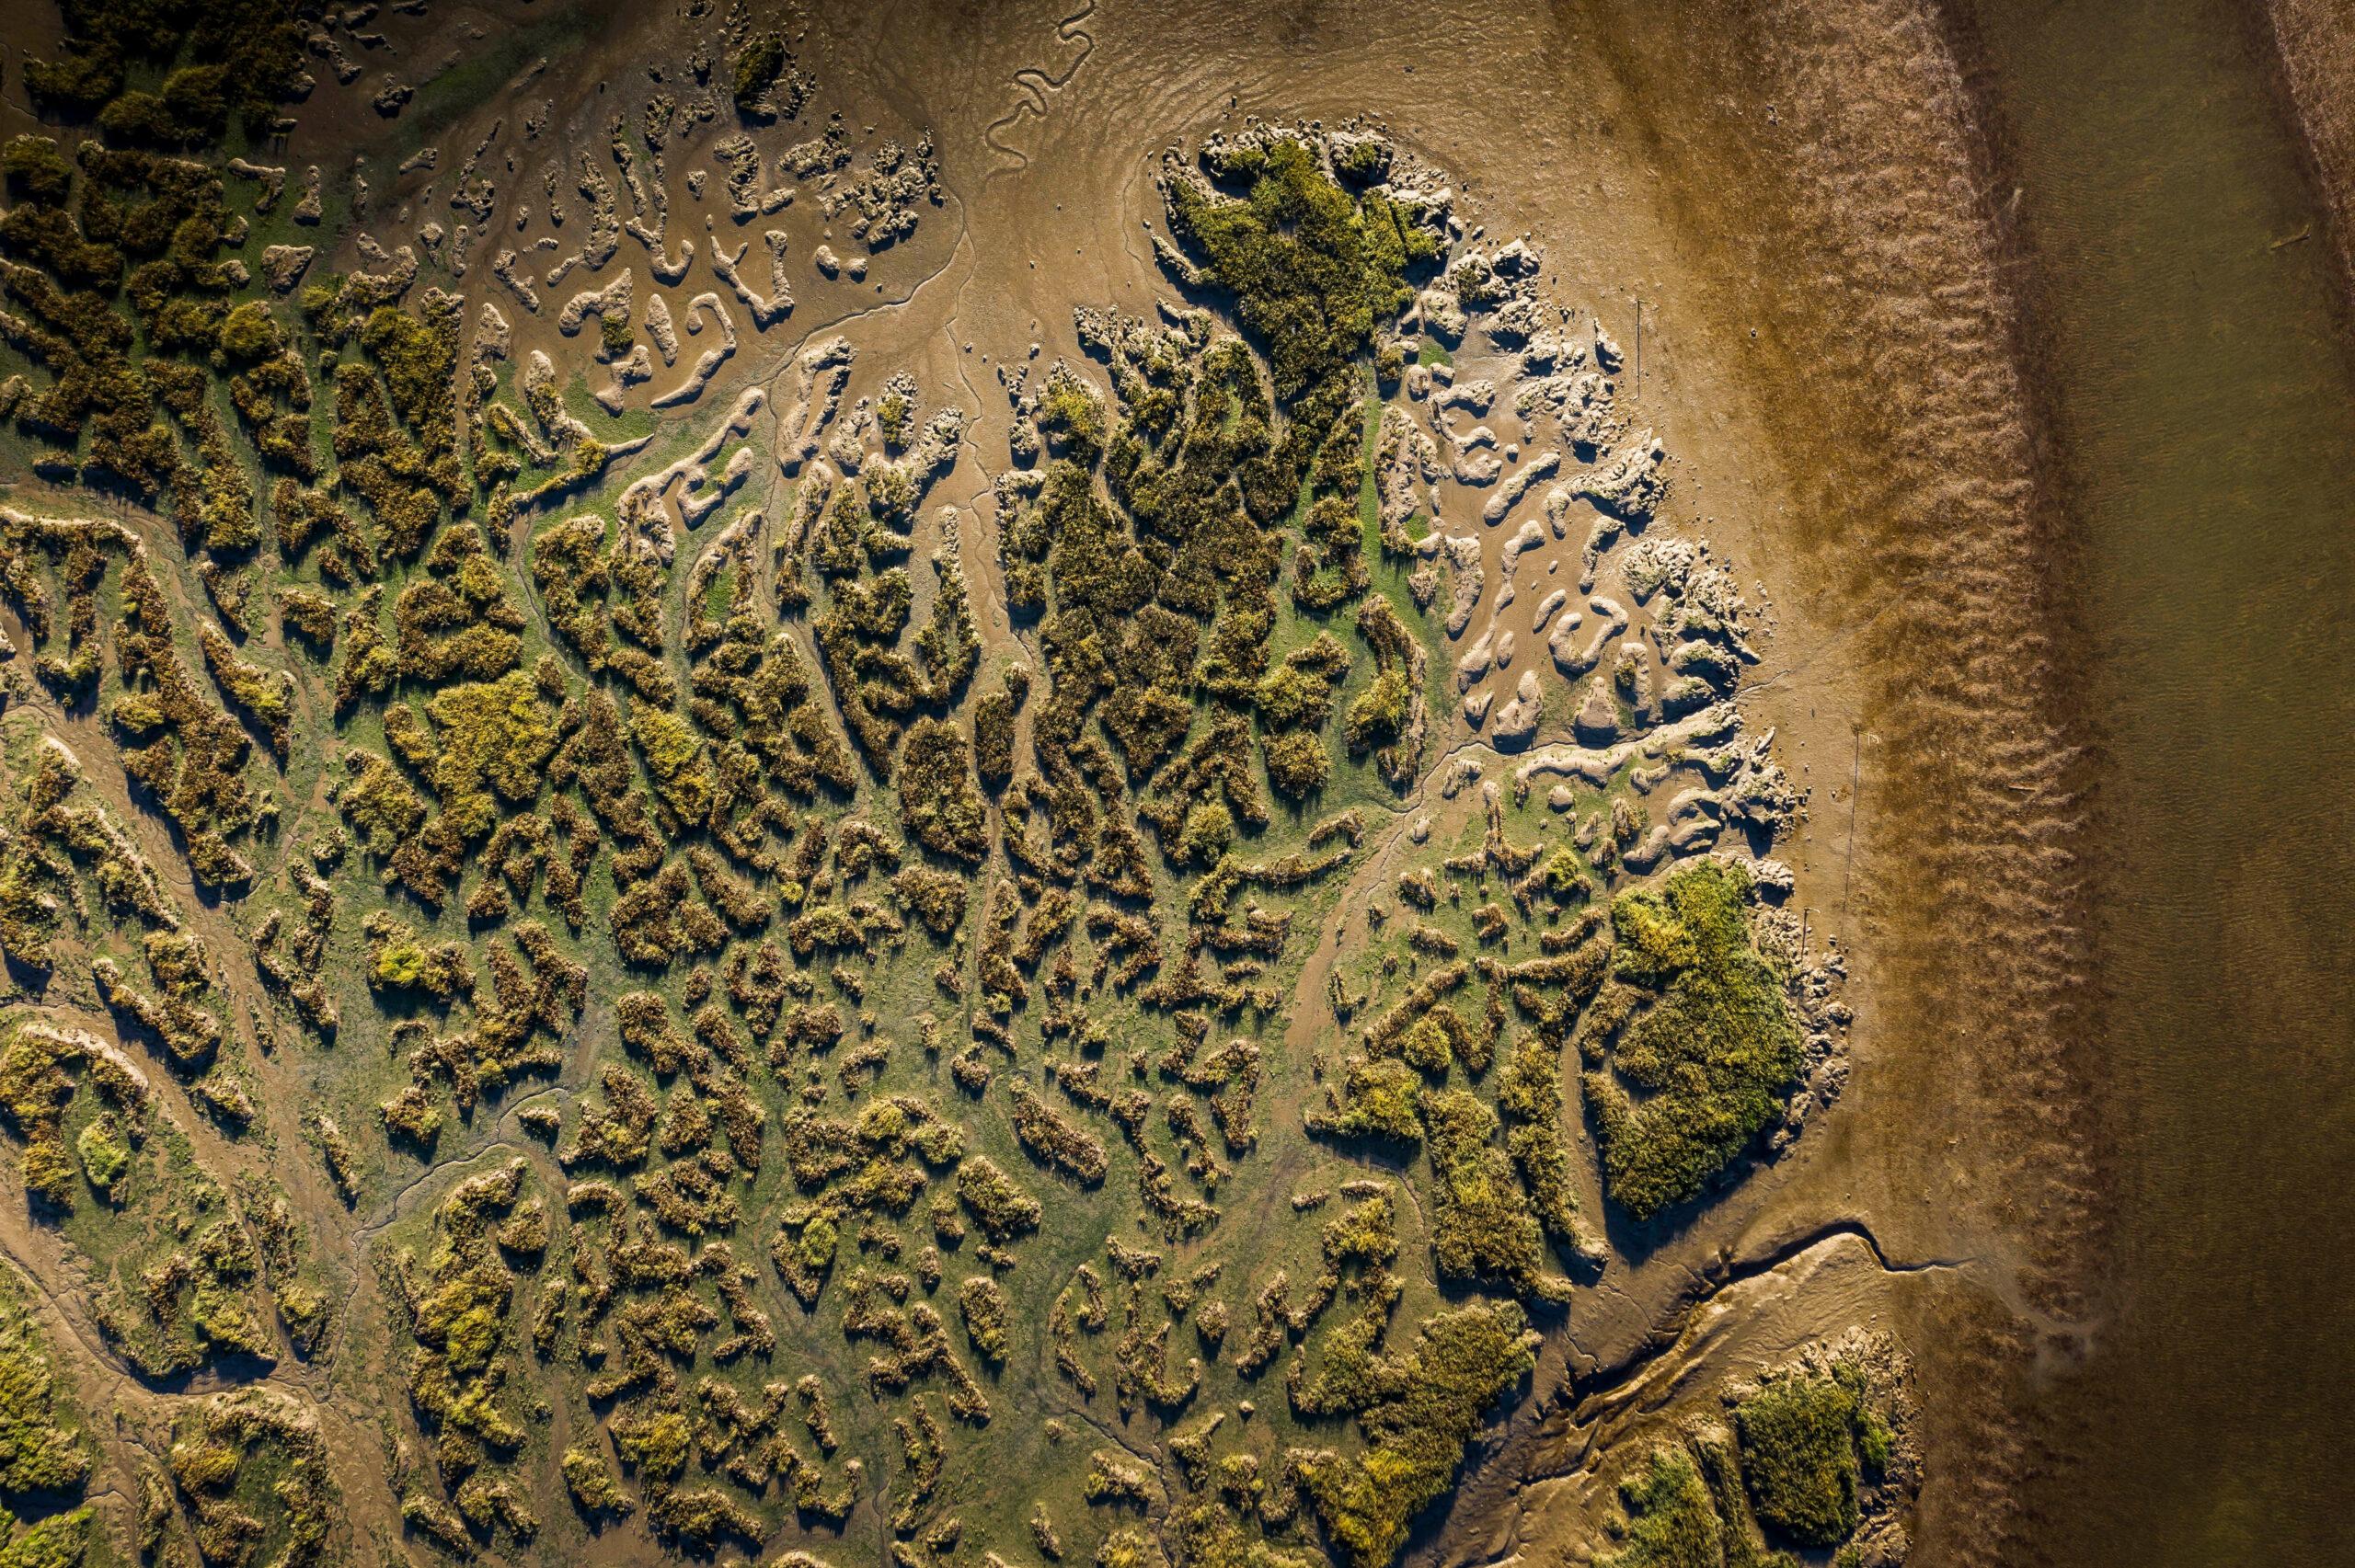 Marsh detail on banks of the Deben